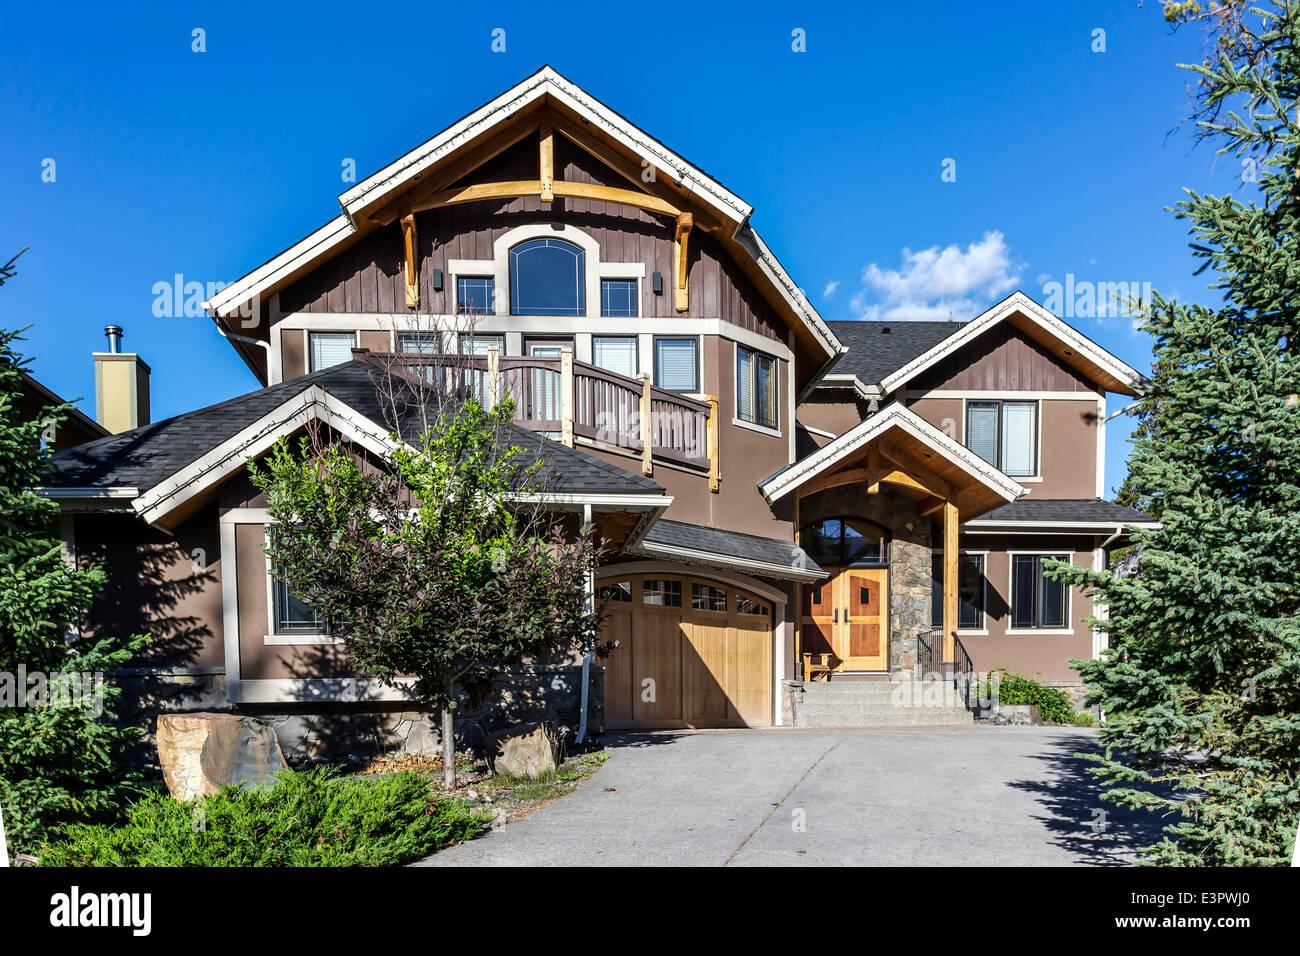 Westlichen amerikanischen Stil Haus in der Vorstadt ...